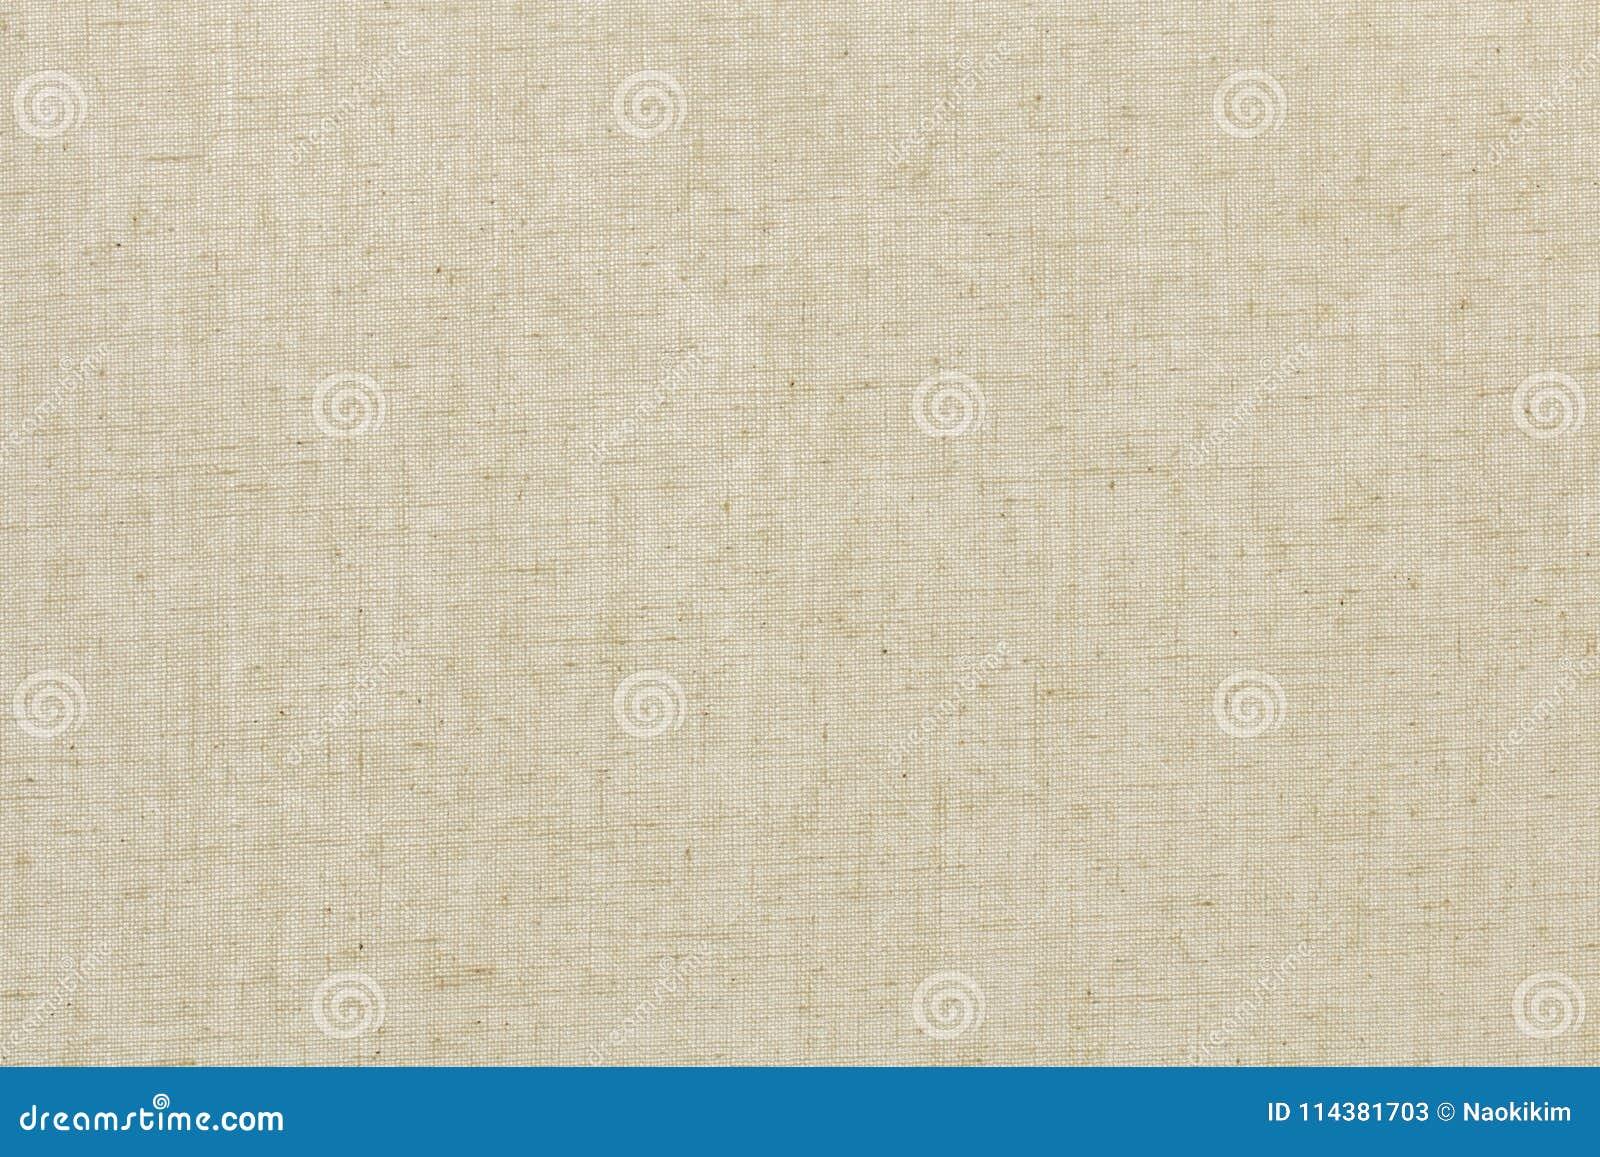 被编织的帆布或自然样式葡萄酒亚麻制纹理背景